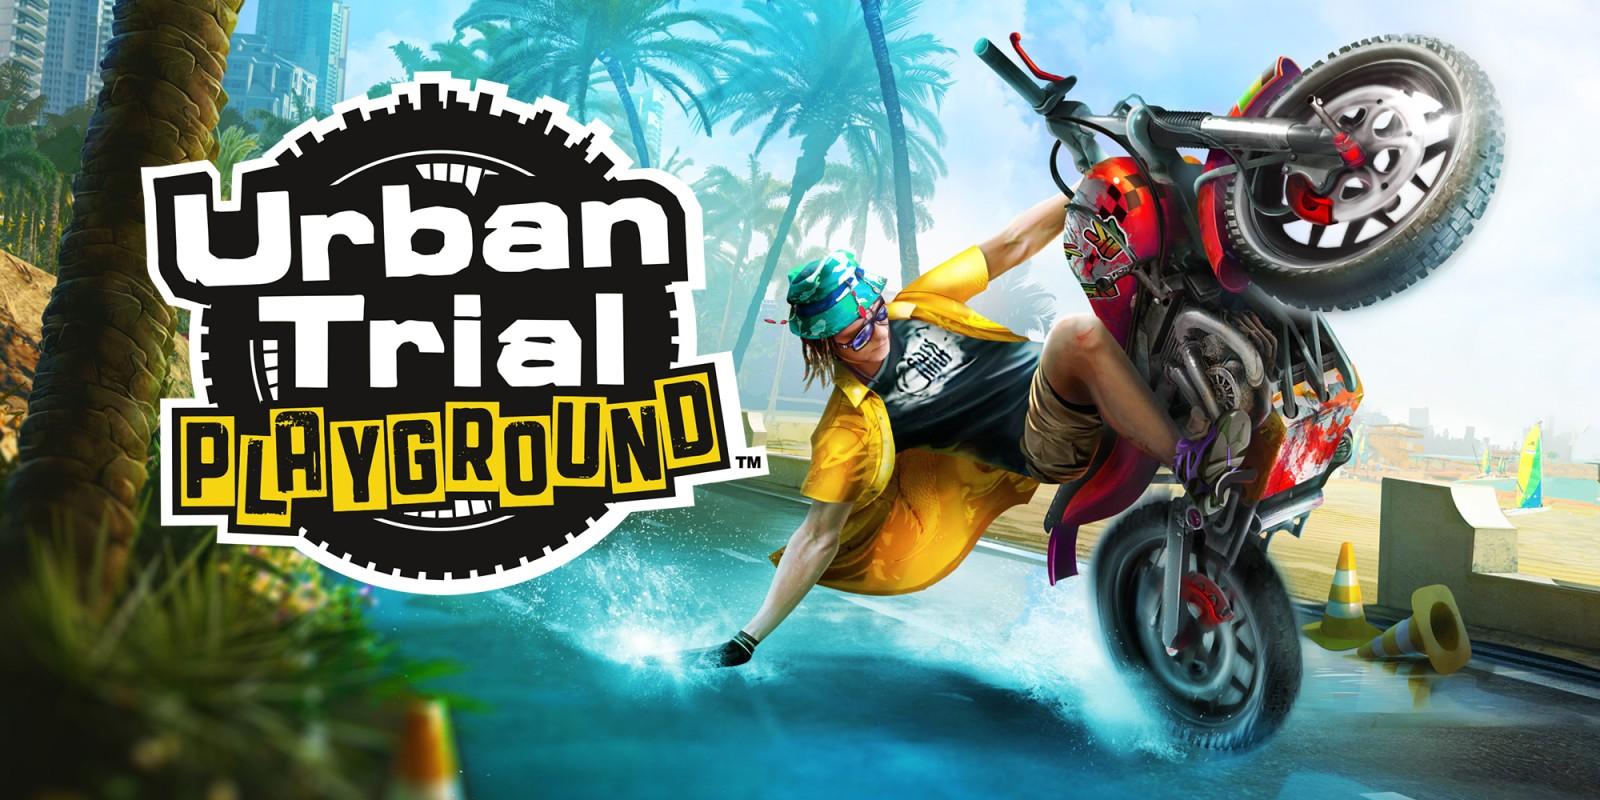 [投稿]Urban Trial Playground